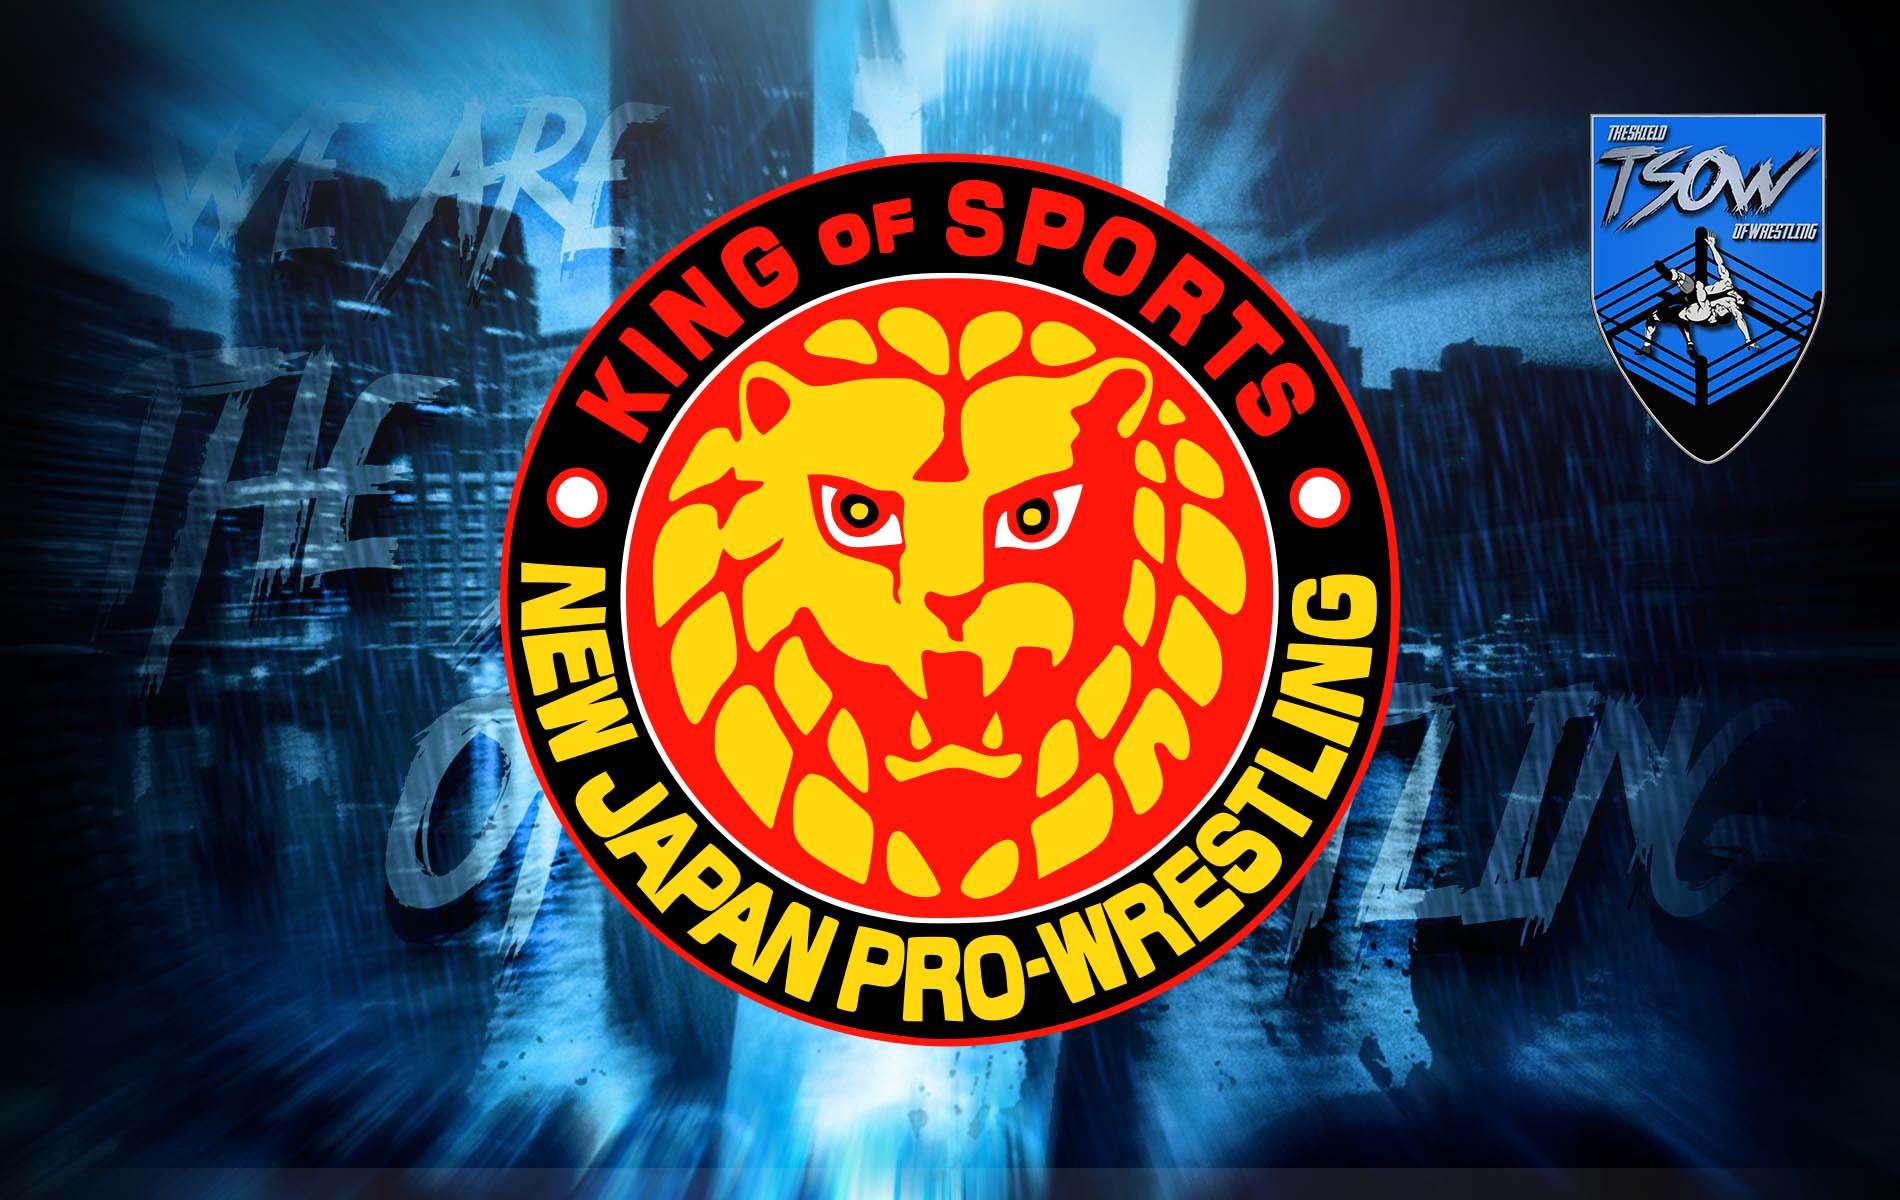 NJPW: importanti notizie annunciate sul sito ufficiale